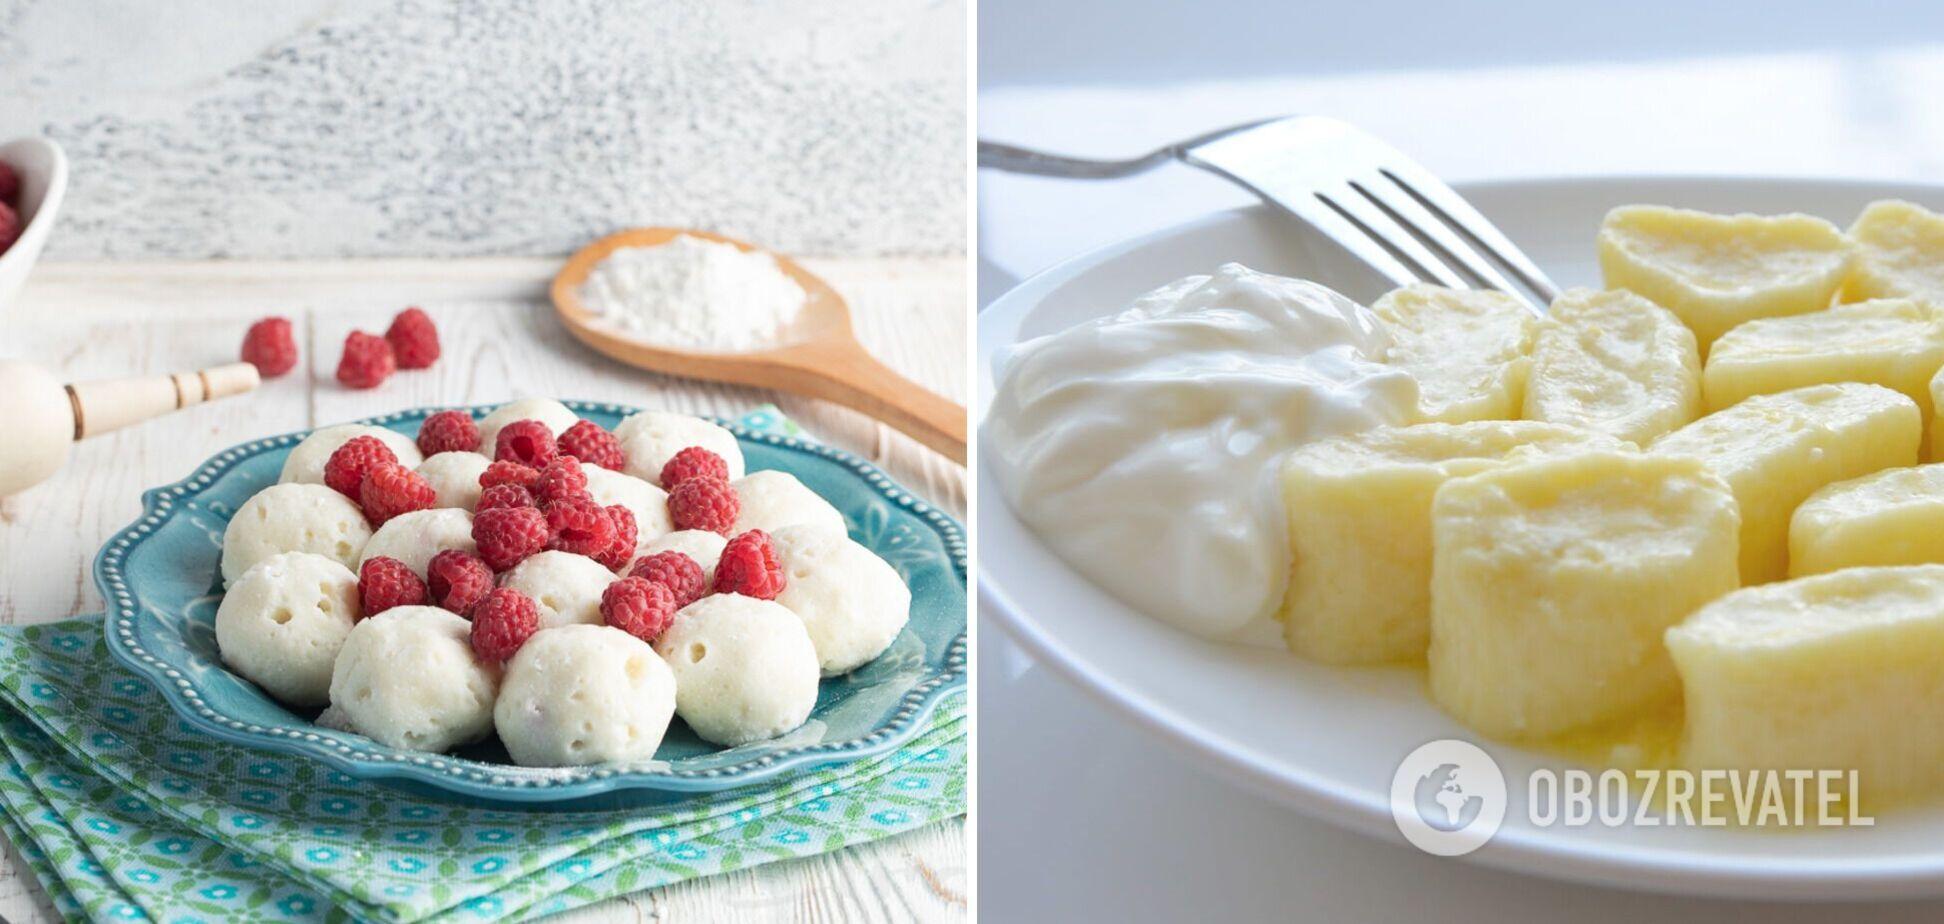 Ленивые вареники с творогом – вкусная альтернатива сырникам на завтрак